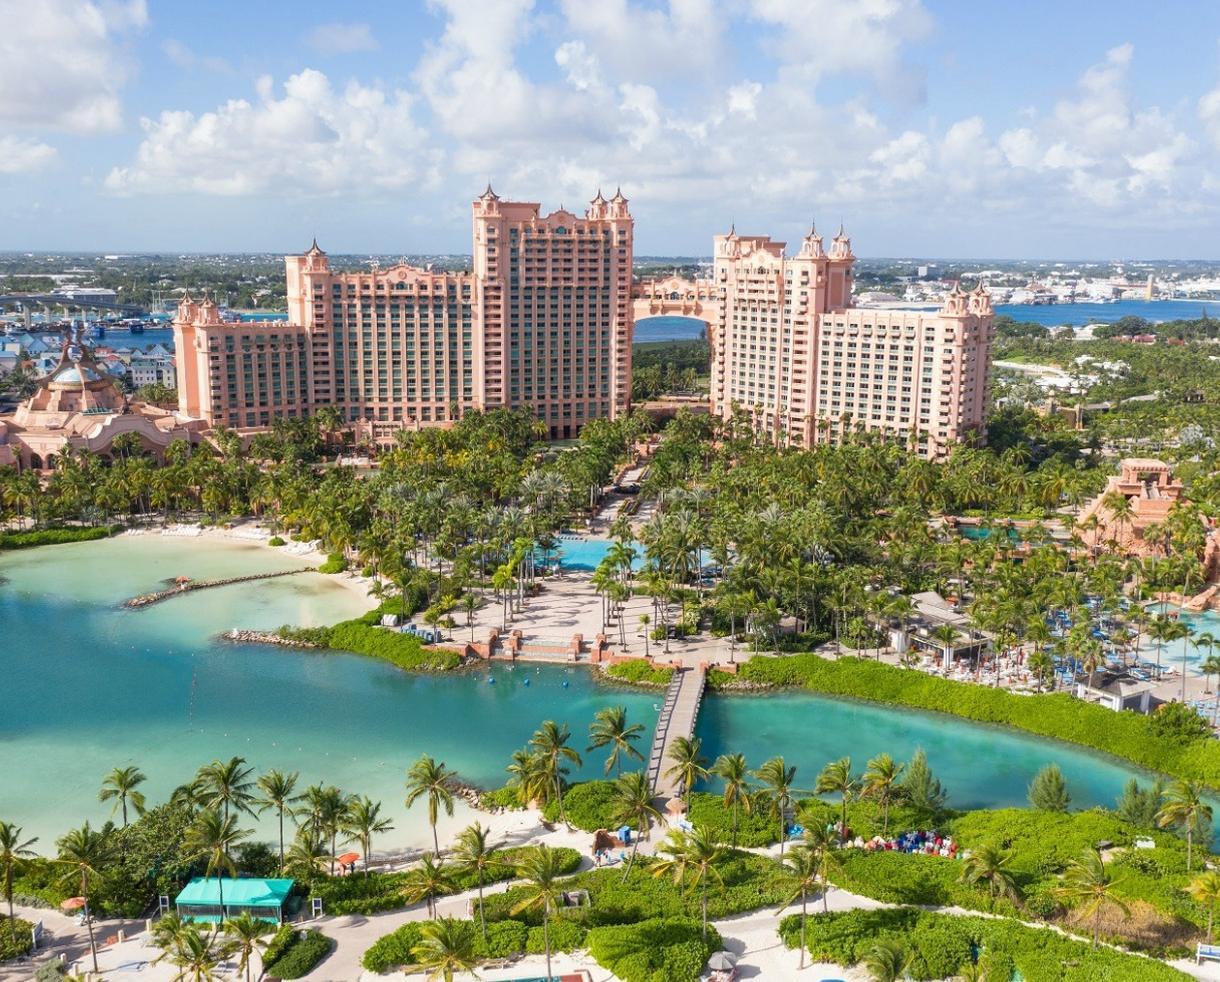 Deal Atlantis Resort Getaway  4th Night FREE  CertifiKID